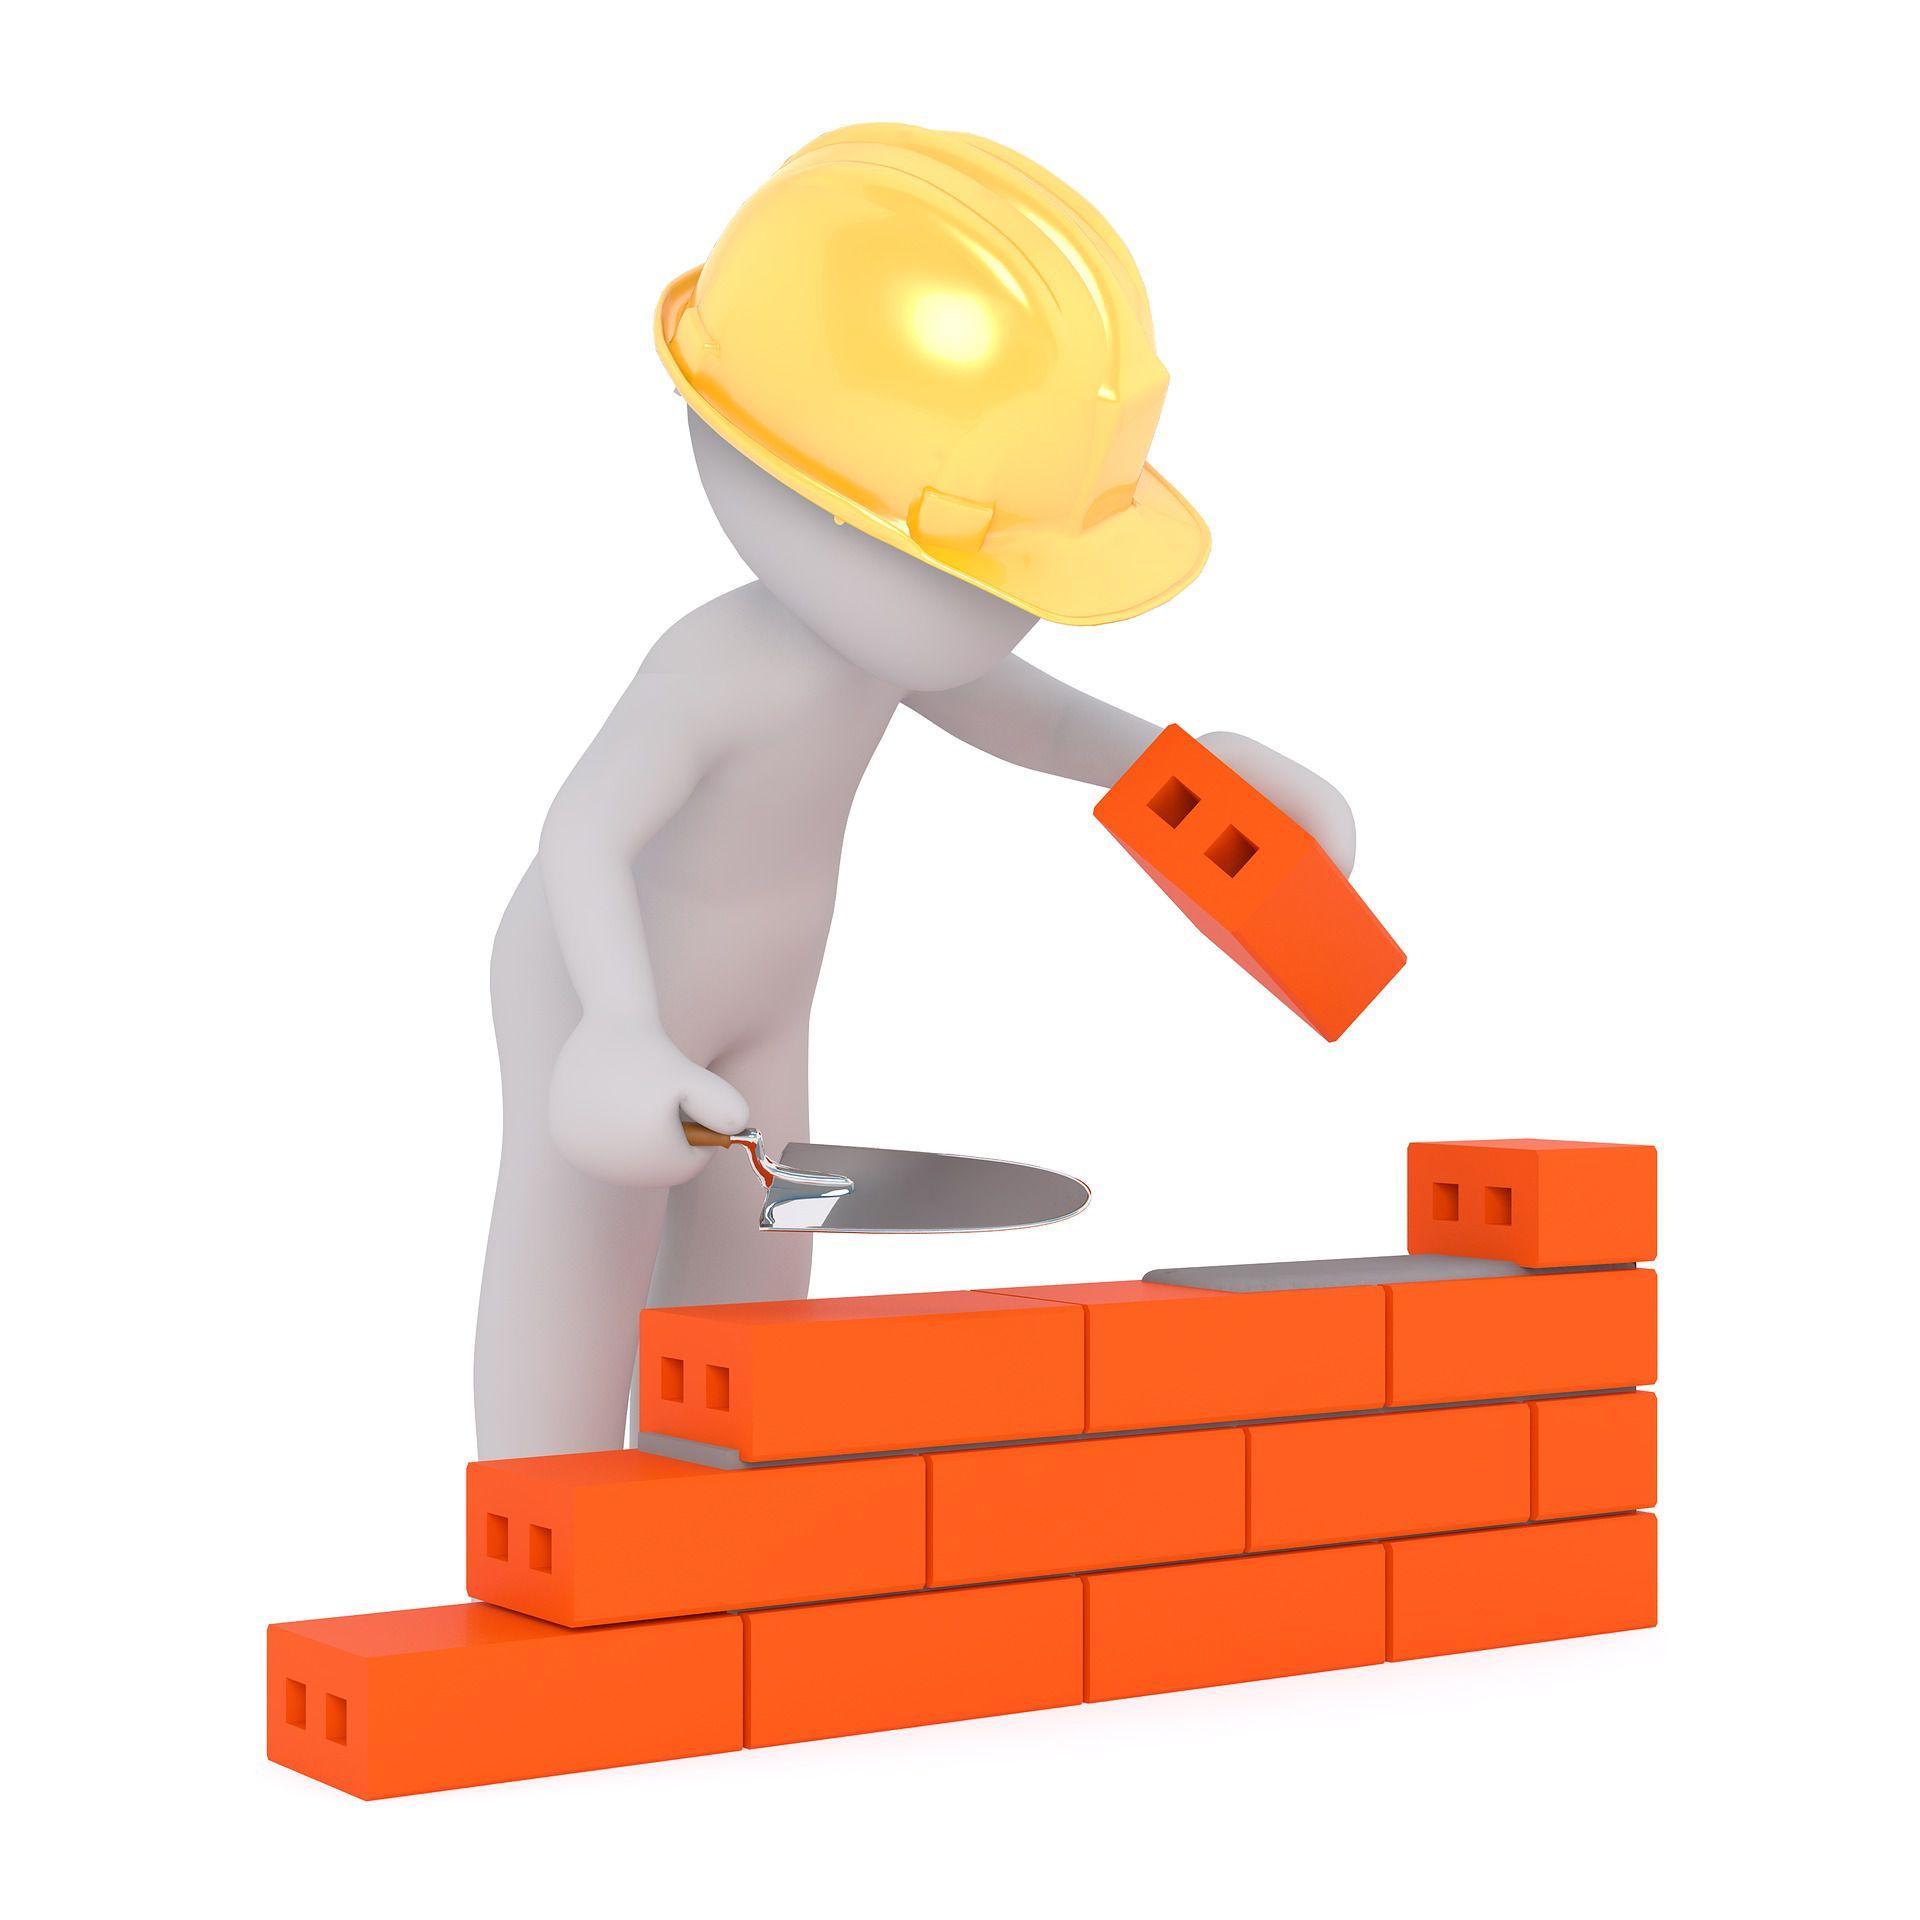 Construire sa maison en tapes with construire sa maison for Construire sa maison etape par etape